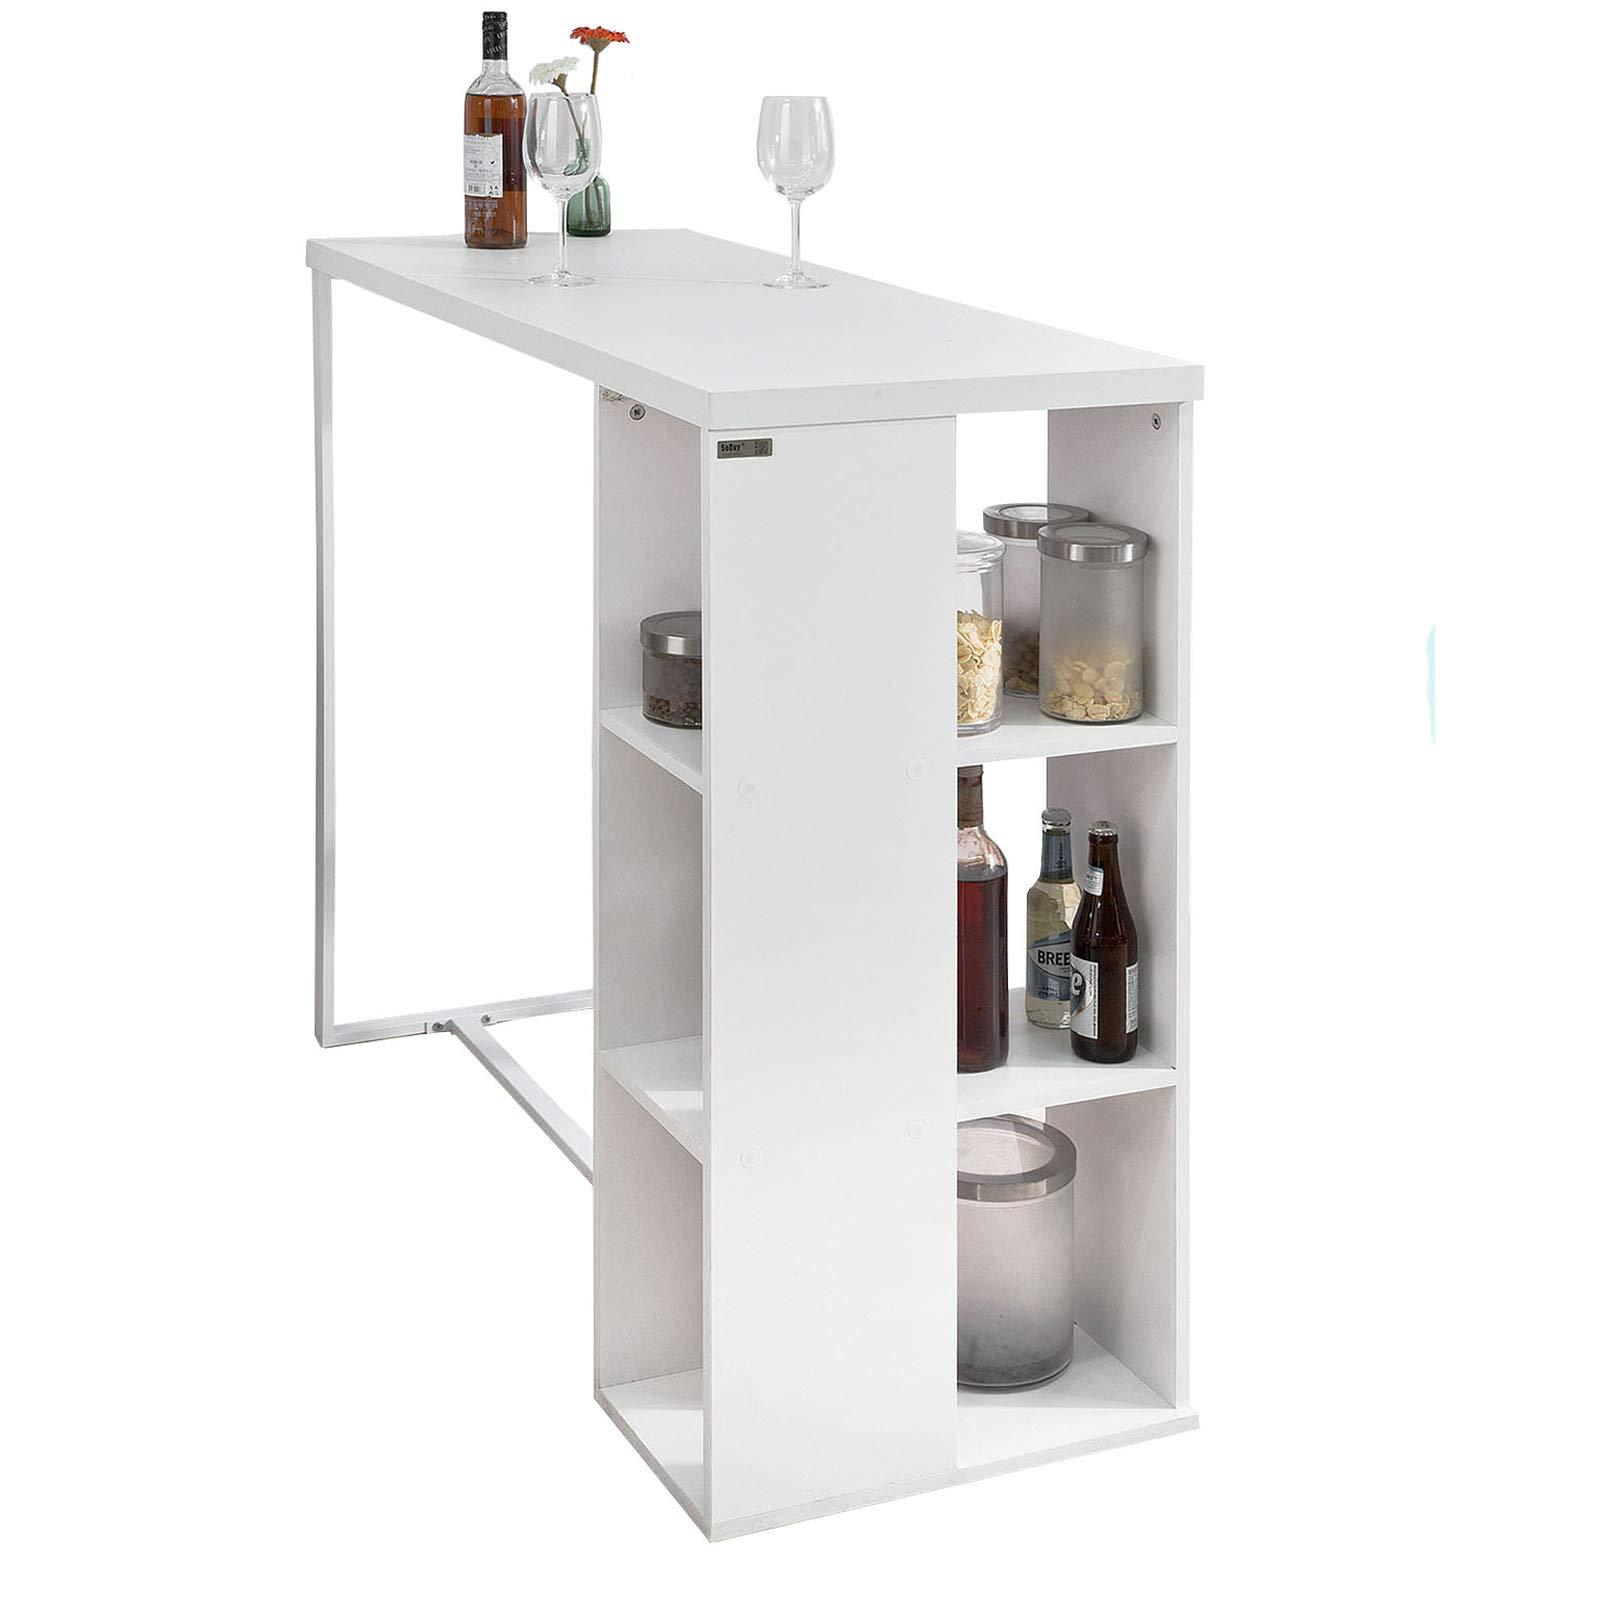 Sobuy Bancone Bar Da Casa Tavolo Cucina Altezza 105 Cmbiancofwt39